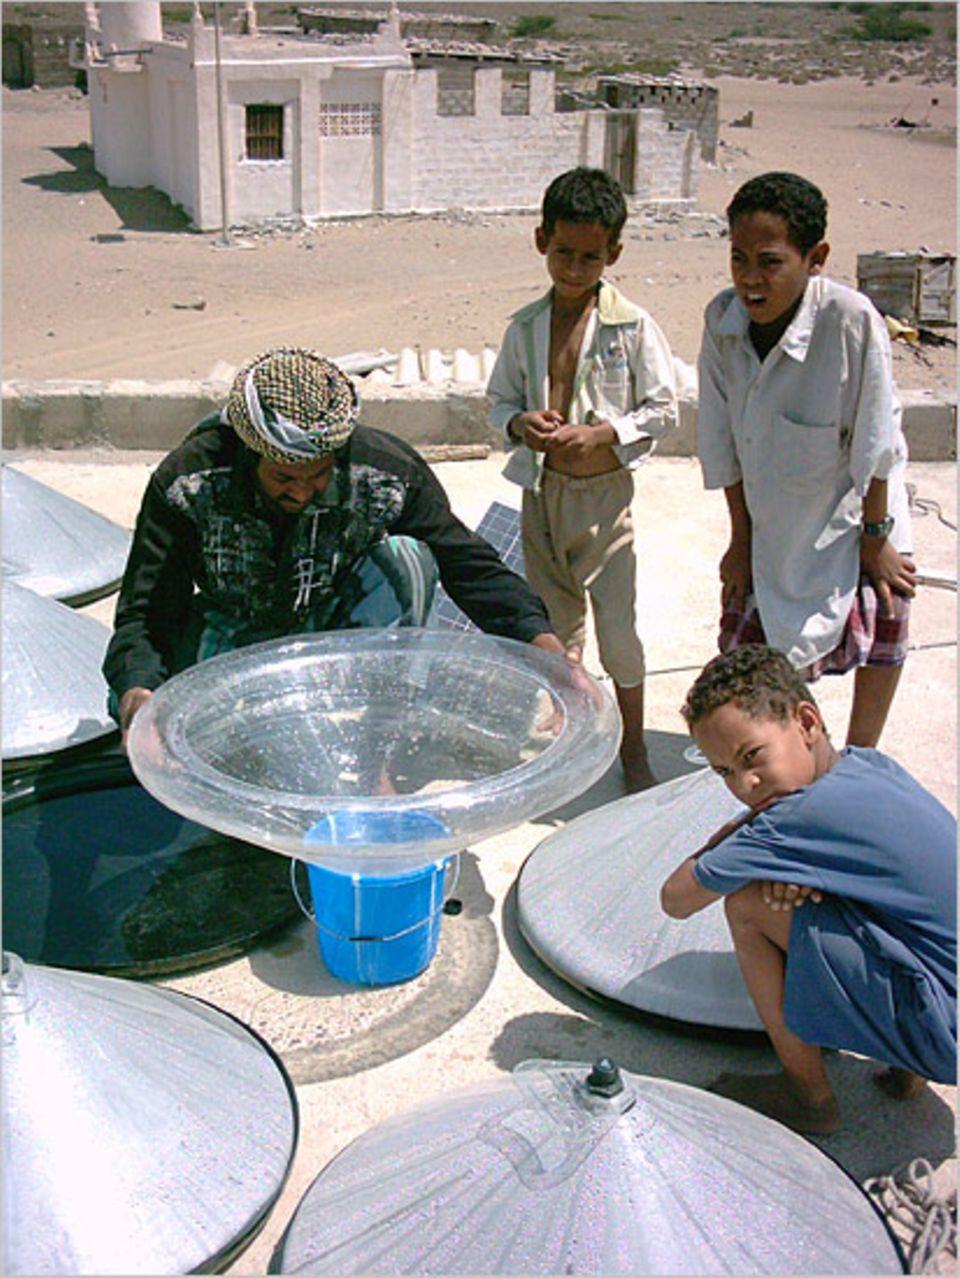 Meerwasserentsalzung: Im Feldversuch im Jemen hat sich der Watercone bewährt